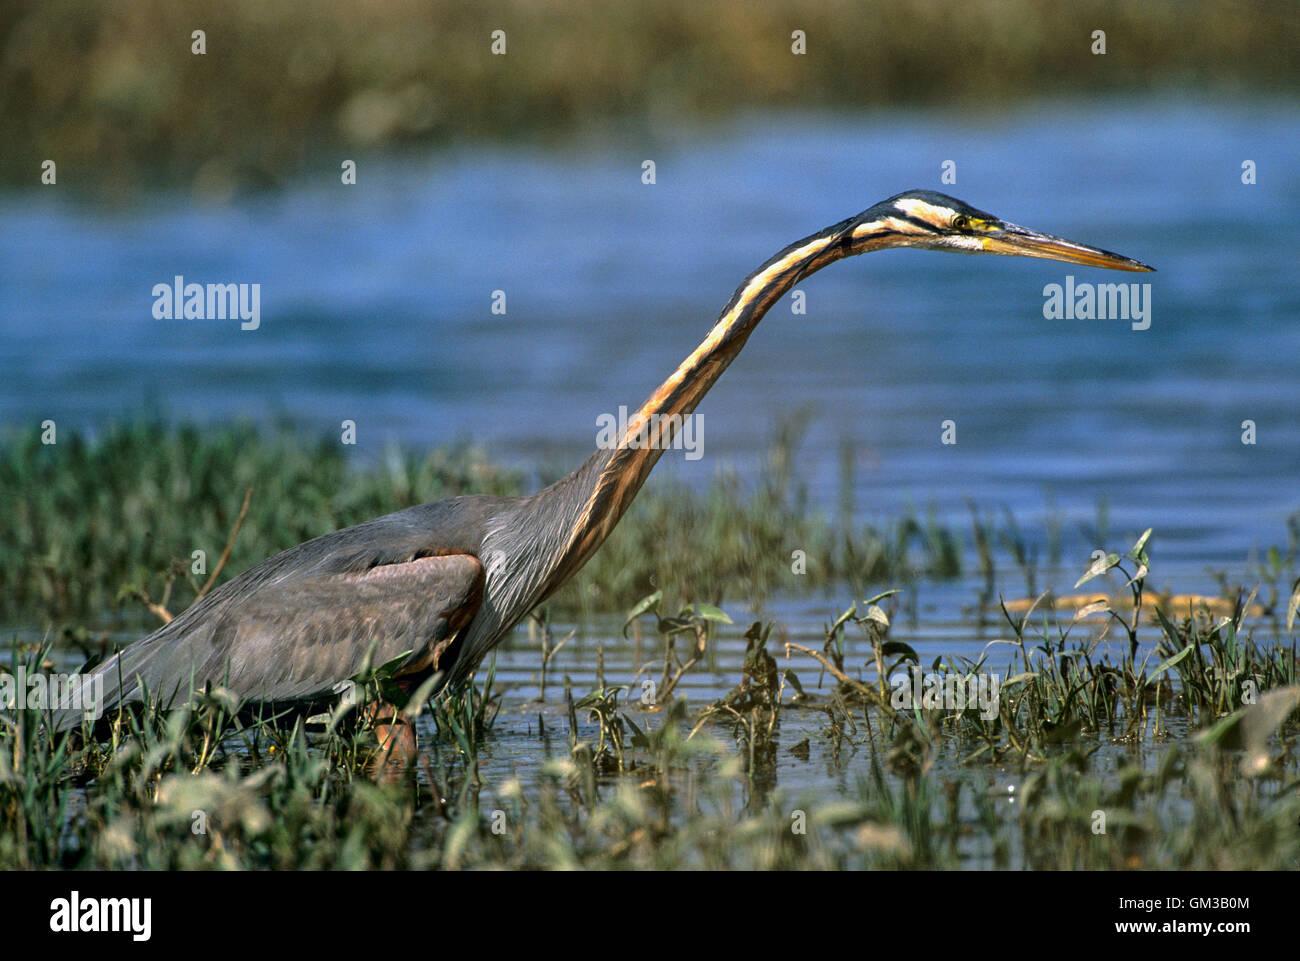 Purple Heron, Ardea purpurea, adult bird hunting for fish, Bharatpur, India - Stock Image